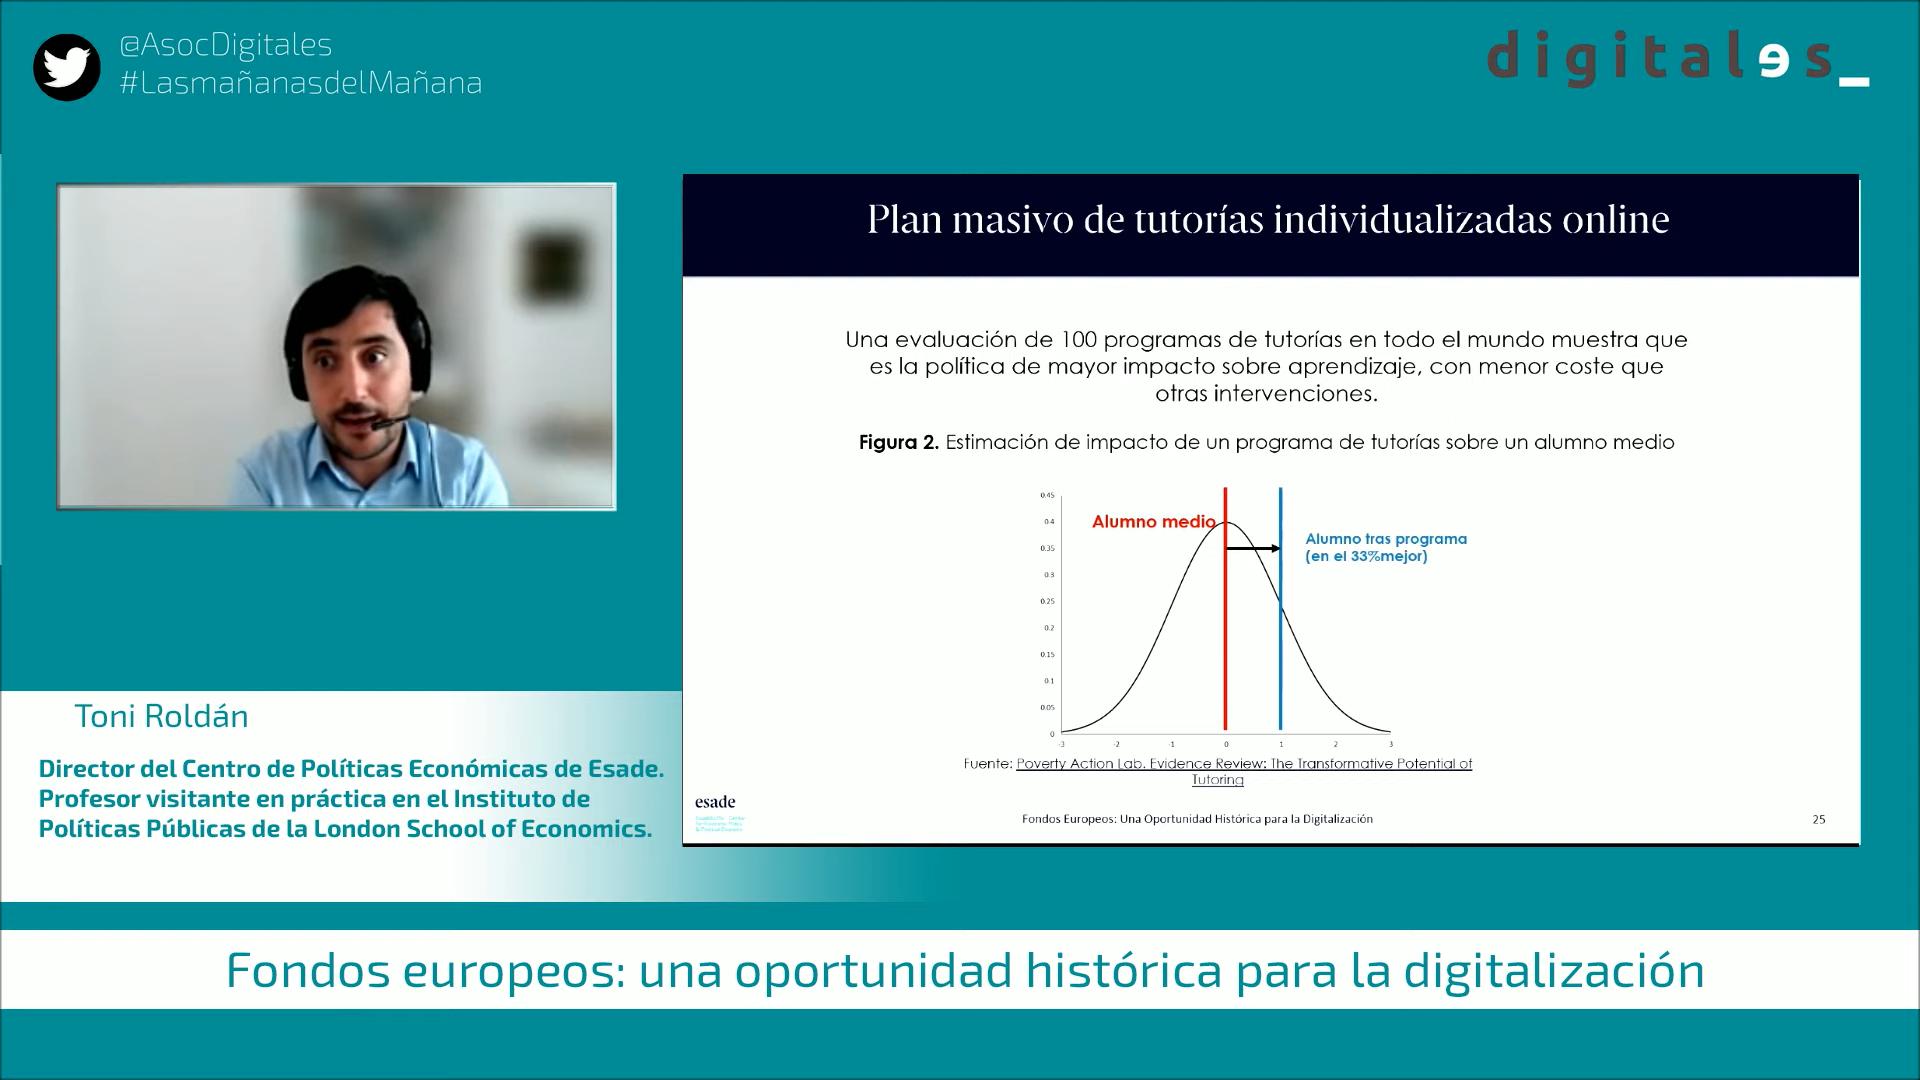 fondos europeos Next Generation y digitalización